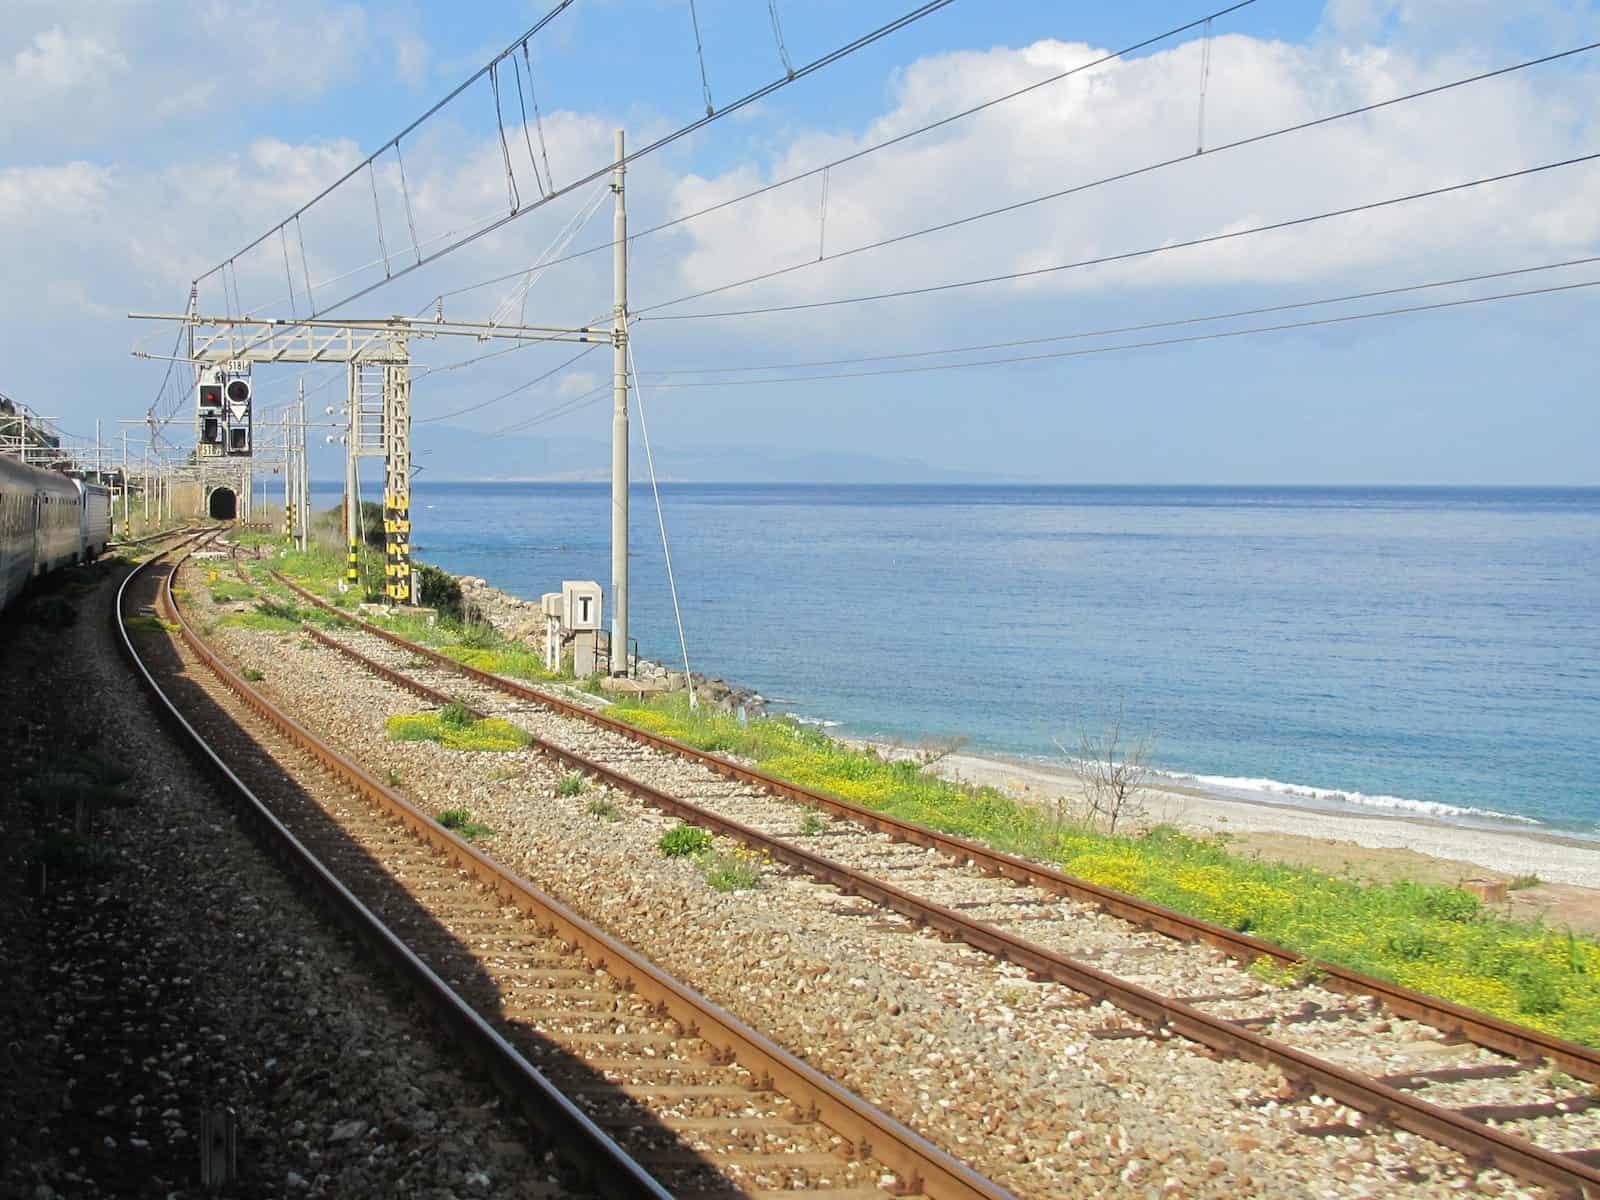 Die Strecke verläuft direkt am Mittelmeer